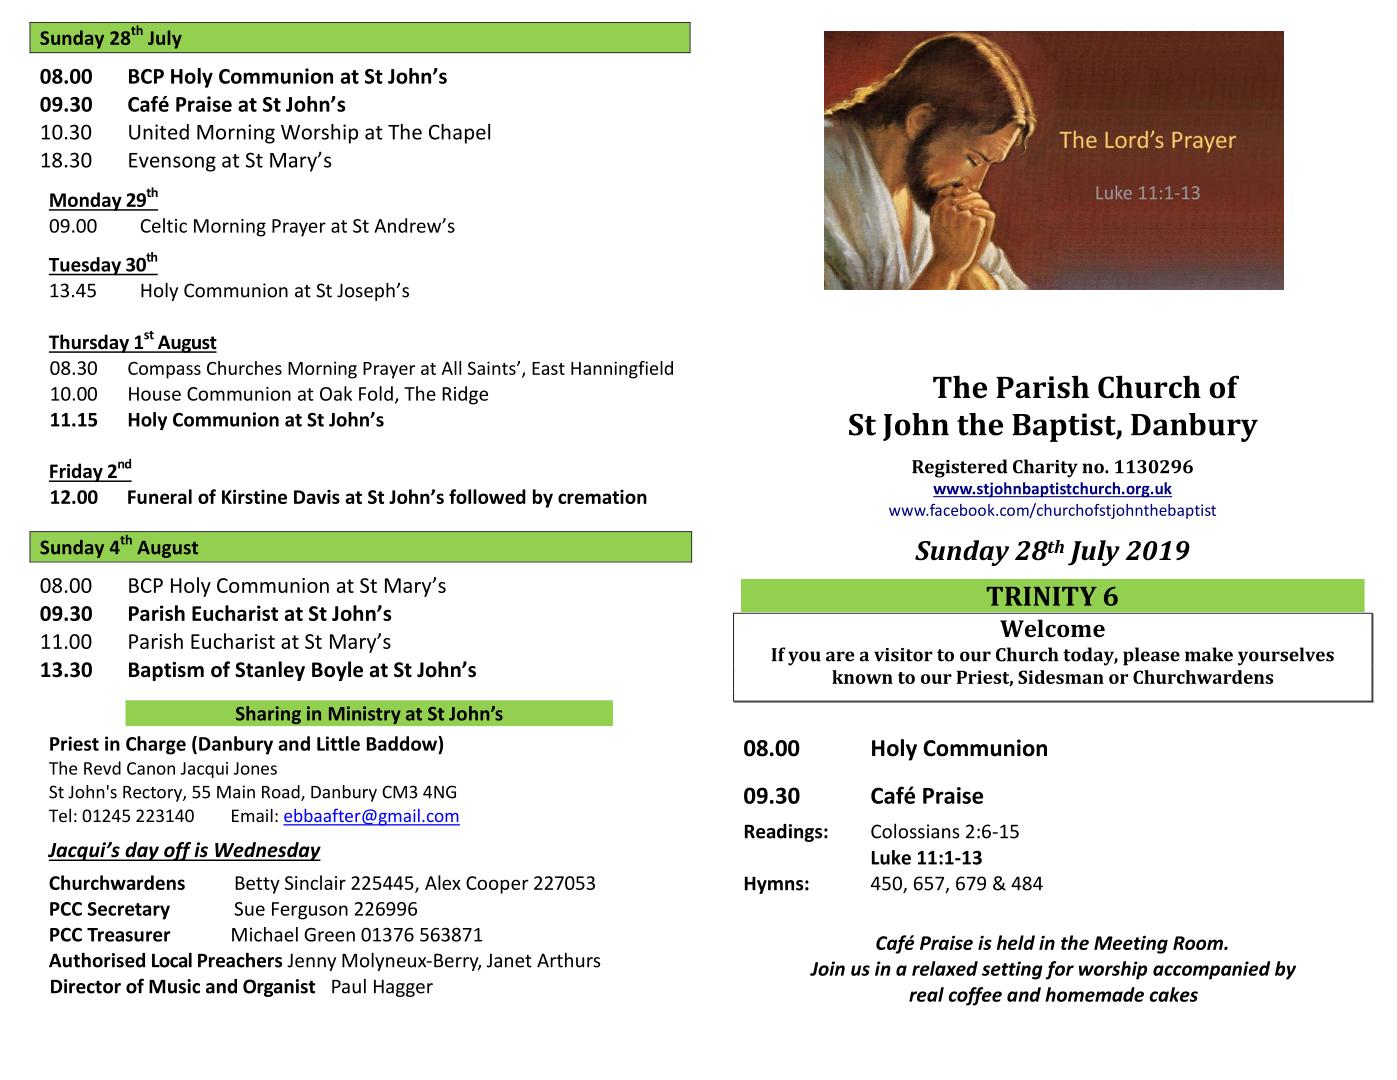 Pew leaflet 28th July 2019_1.PNG